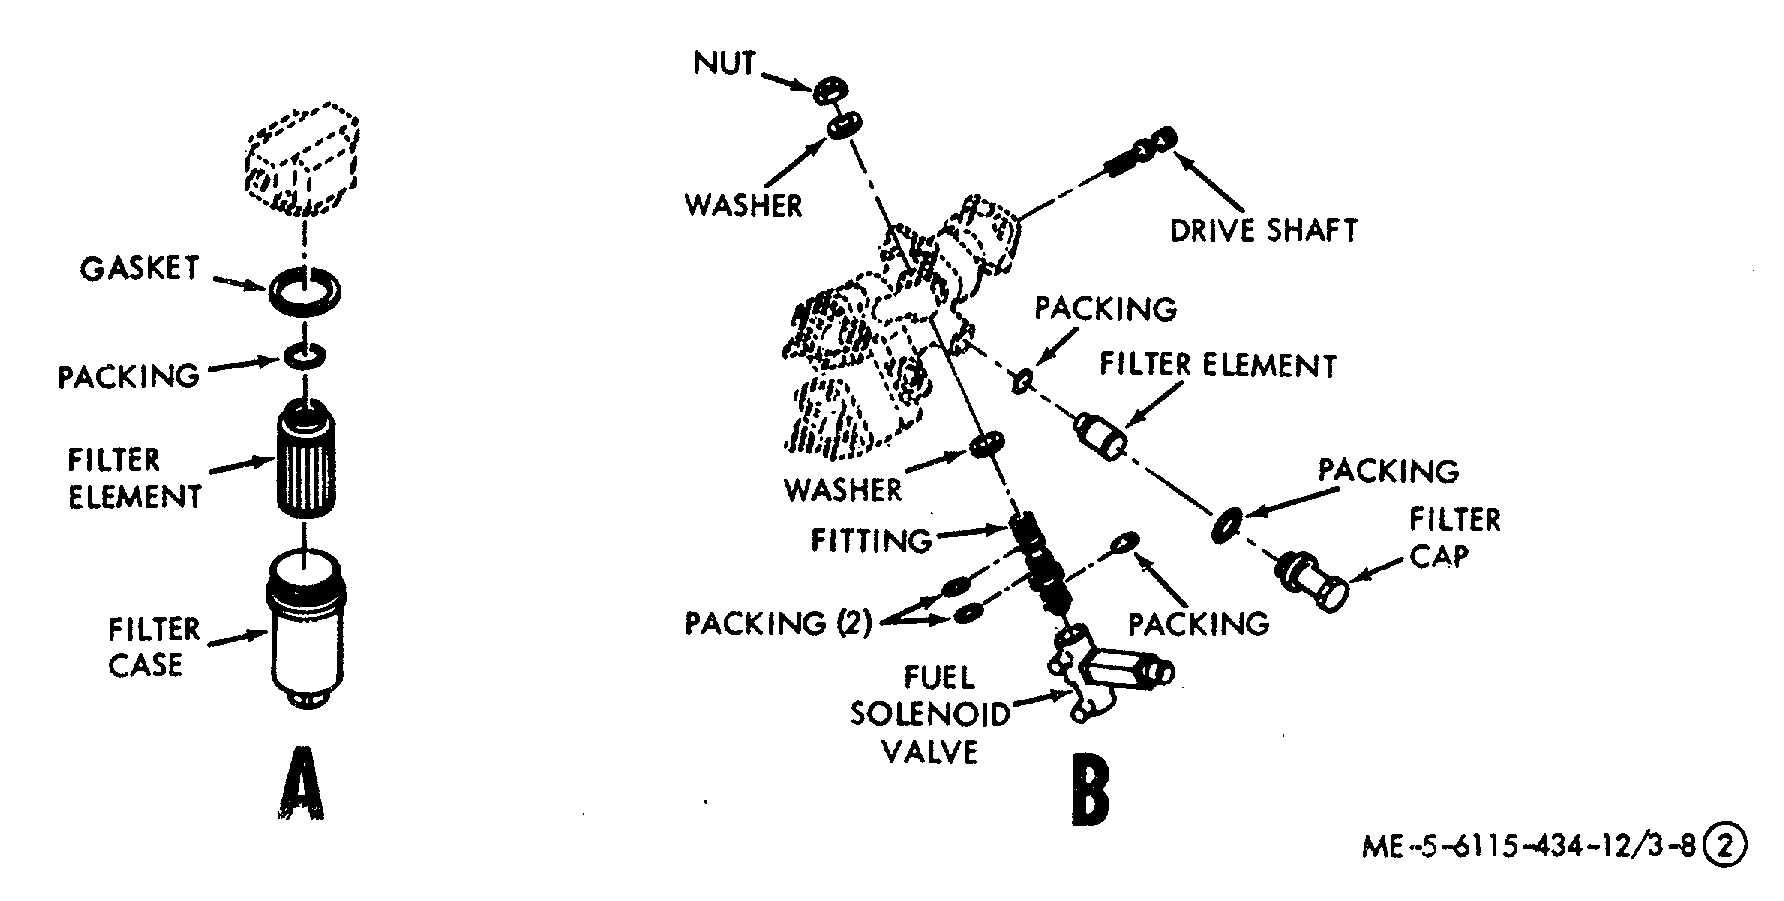 Fuel Control Unit